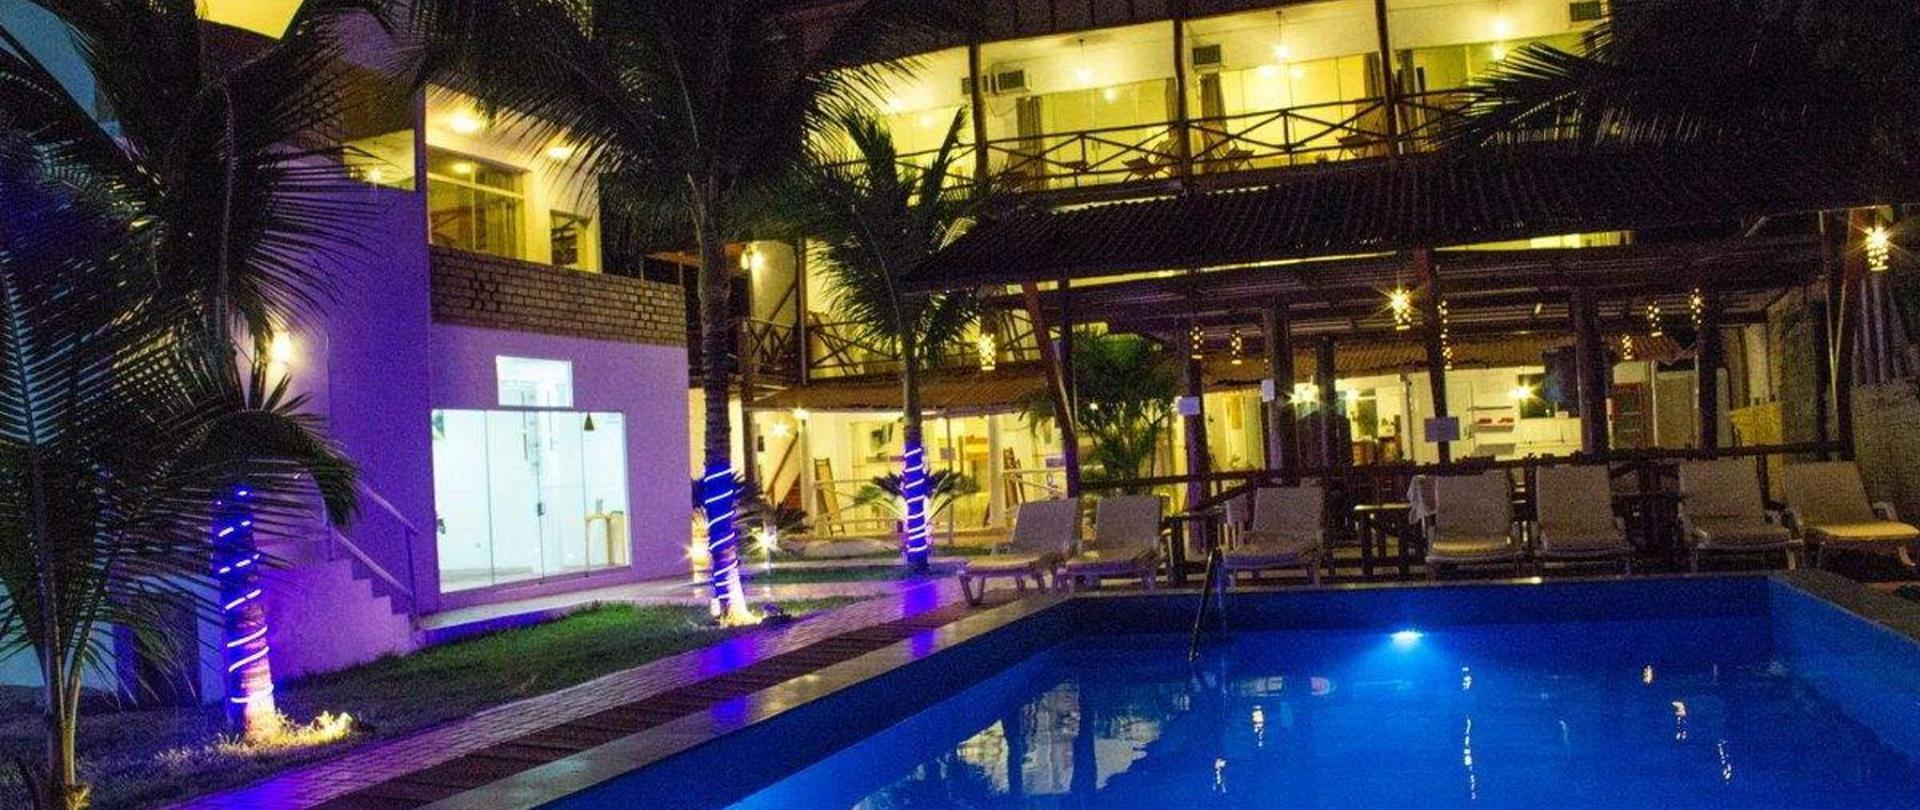 piscina-de-noche.jpg